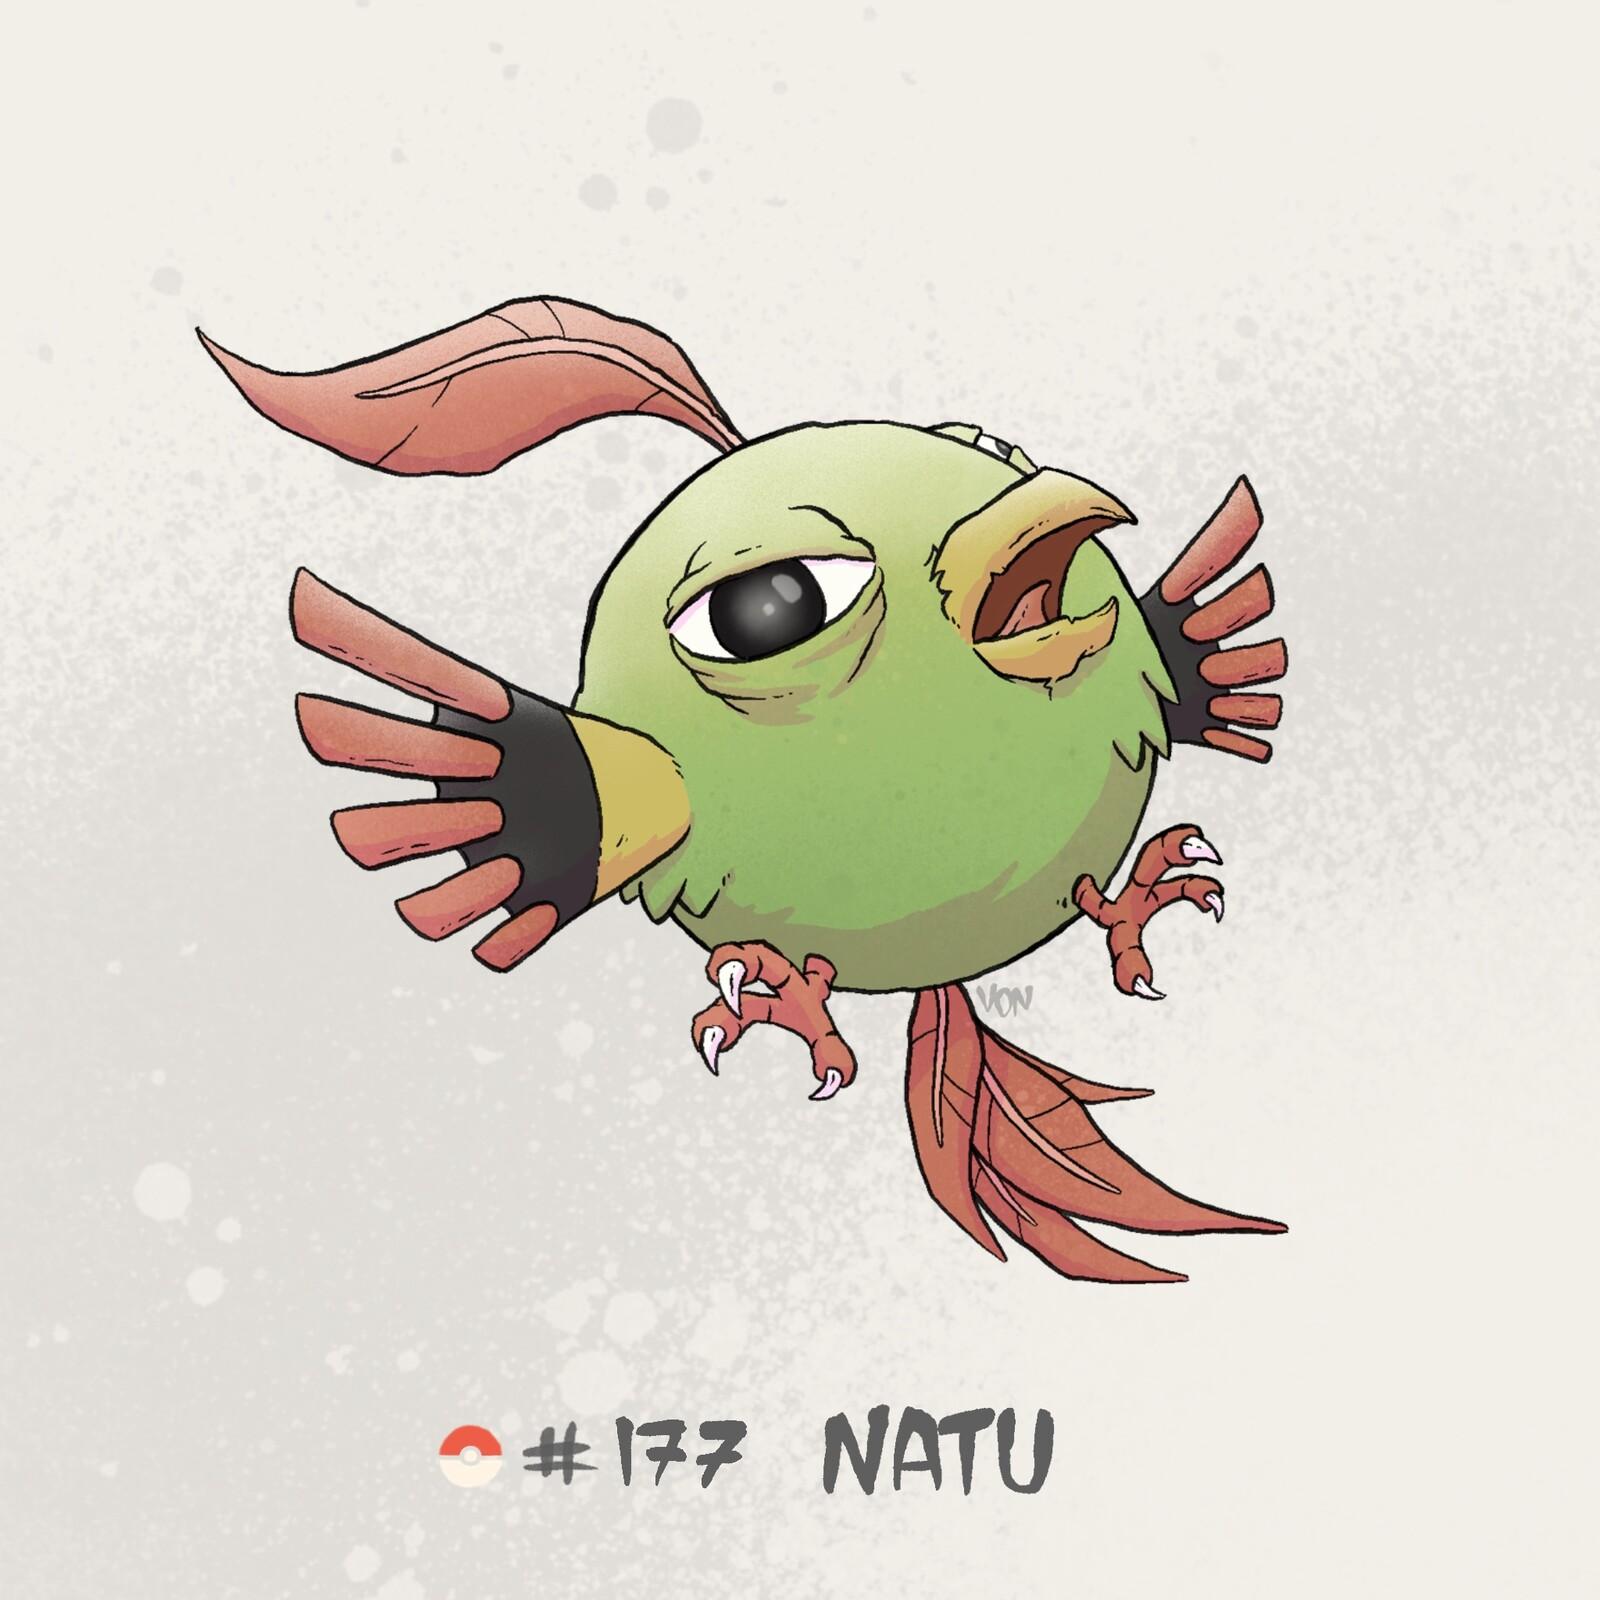 #177 Natu